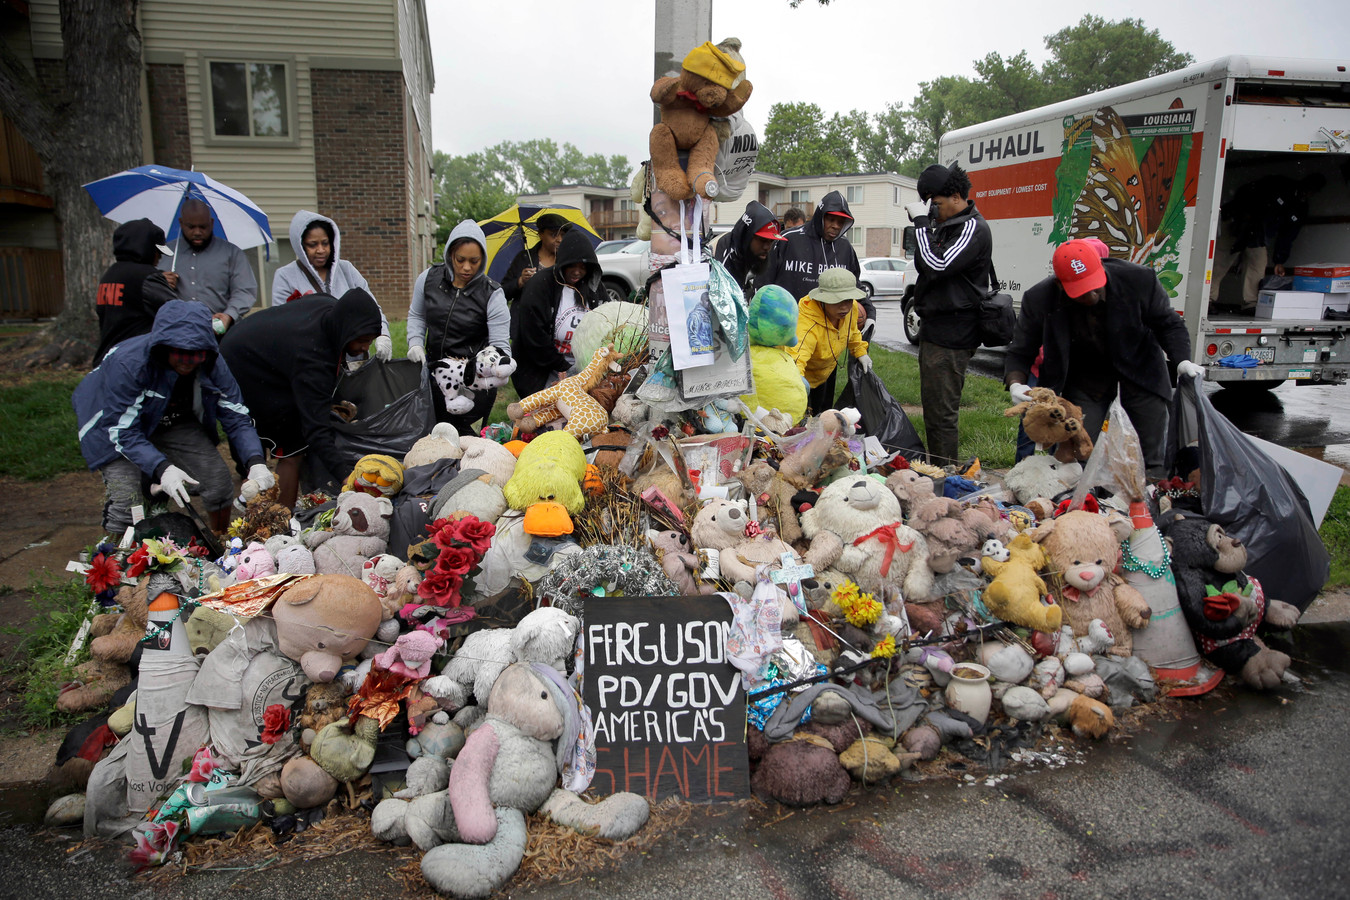 Gedenkplaats voor Michael Brown Wednesday die in 2014 werd doodgeschoten door de politie in Ferguson, VS.